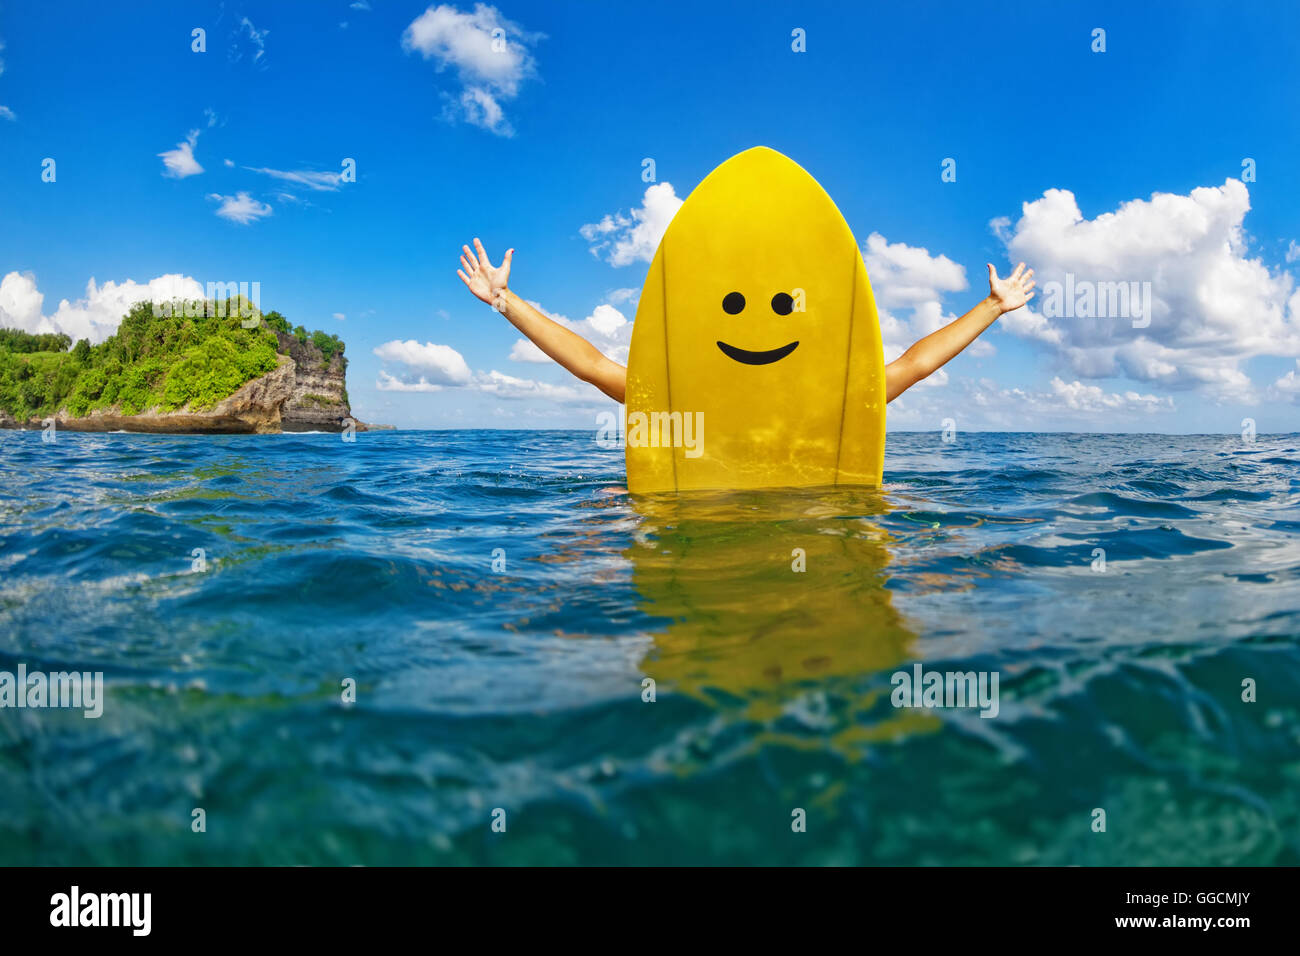 Feliz joven surfista chica sentada sobre amarillo de surf con cara sonriente y tiene diversión. Estilo de vida Imagen De Stock